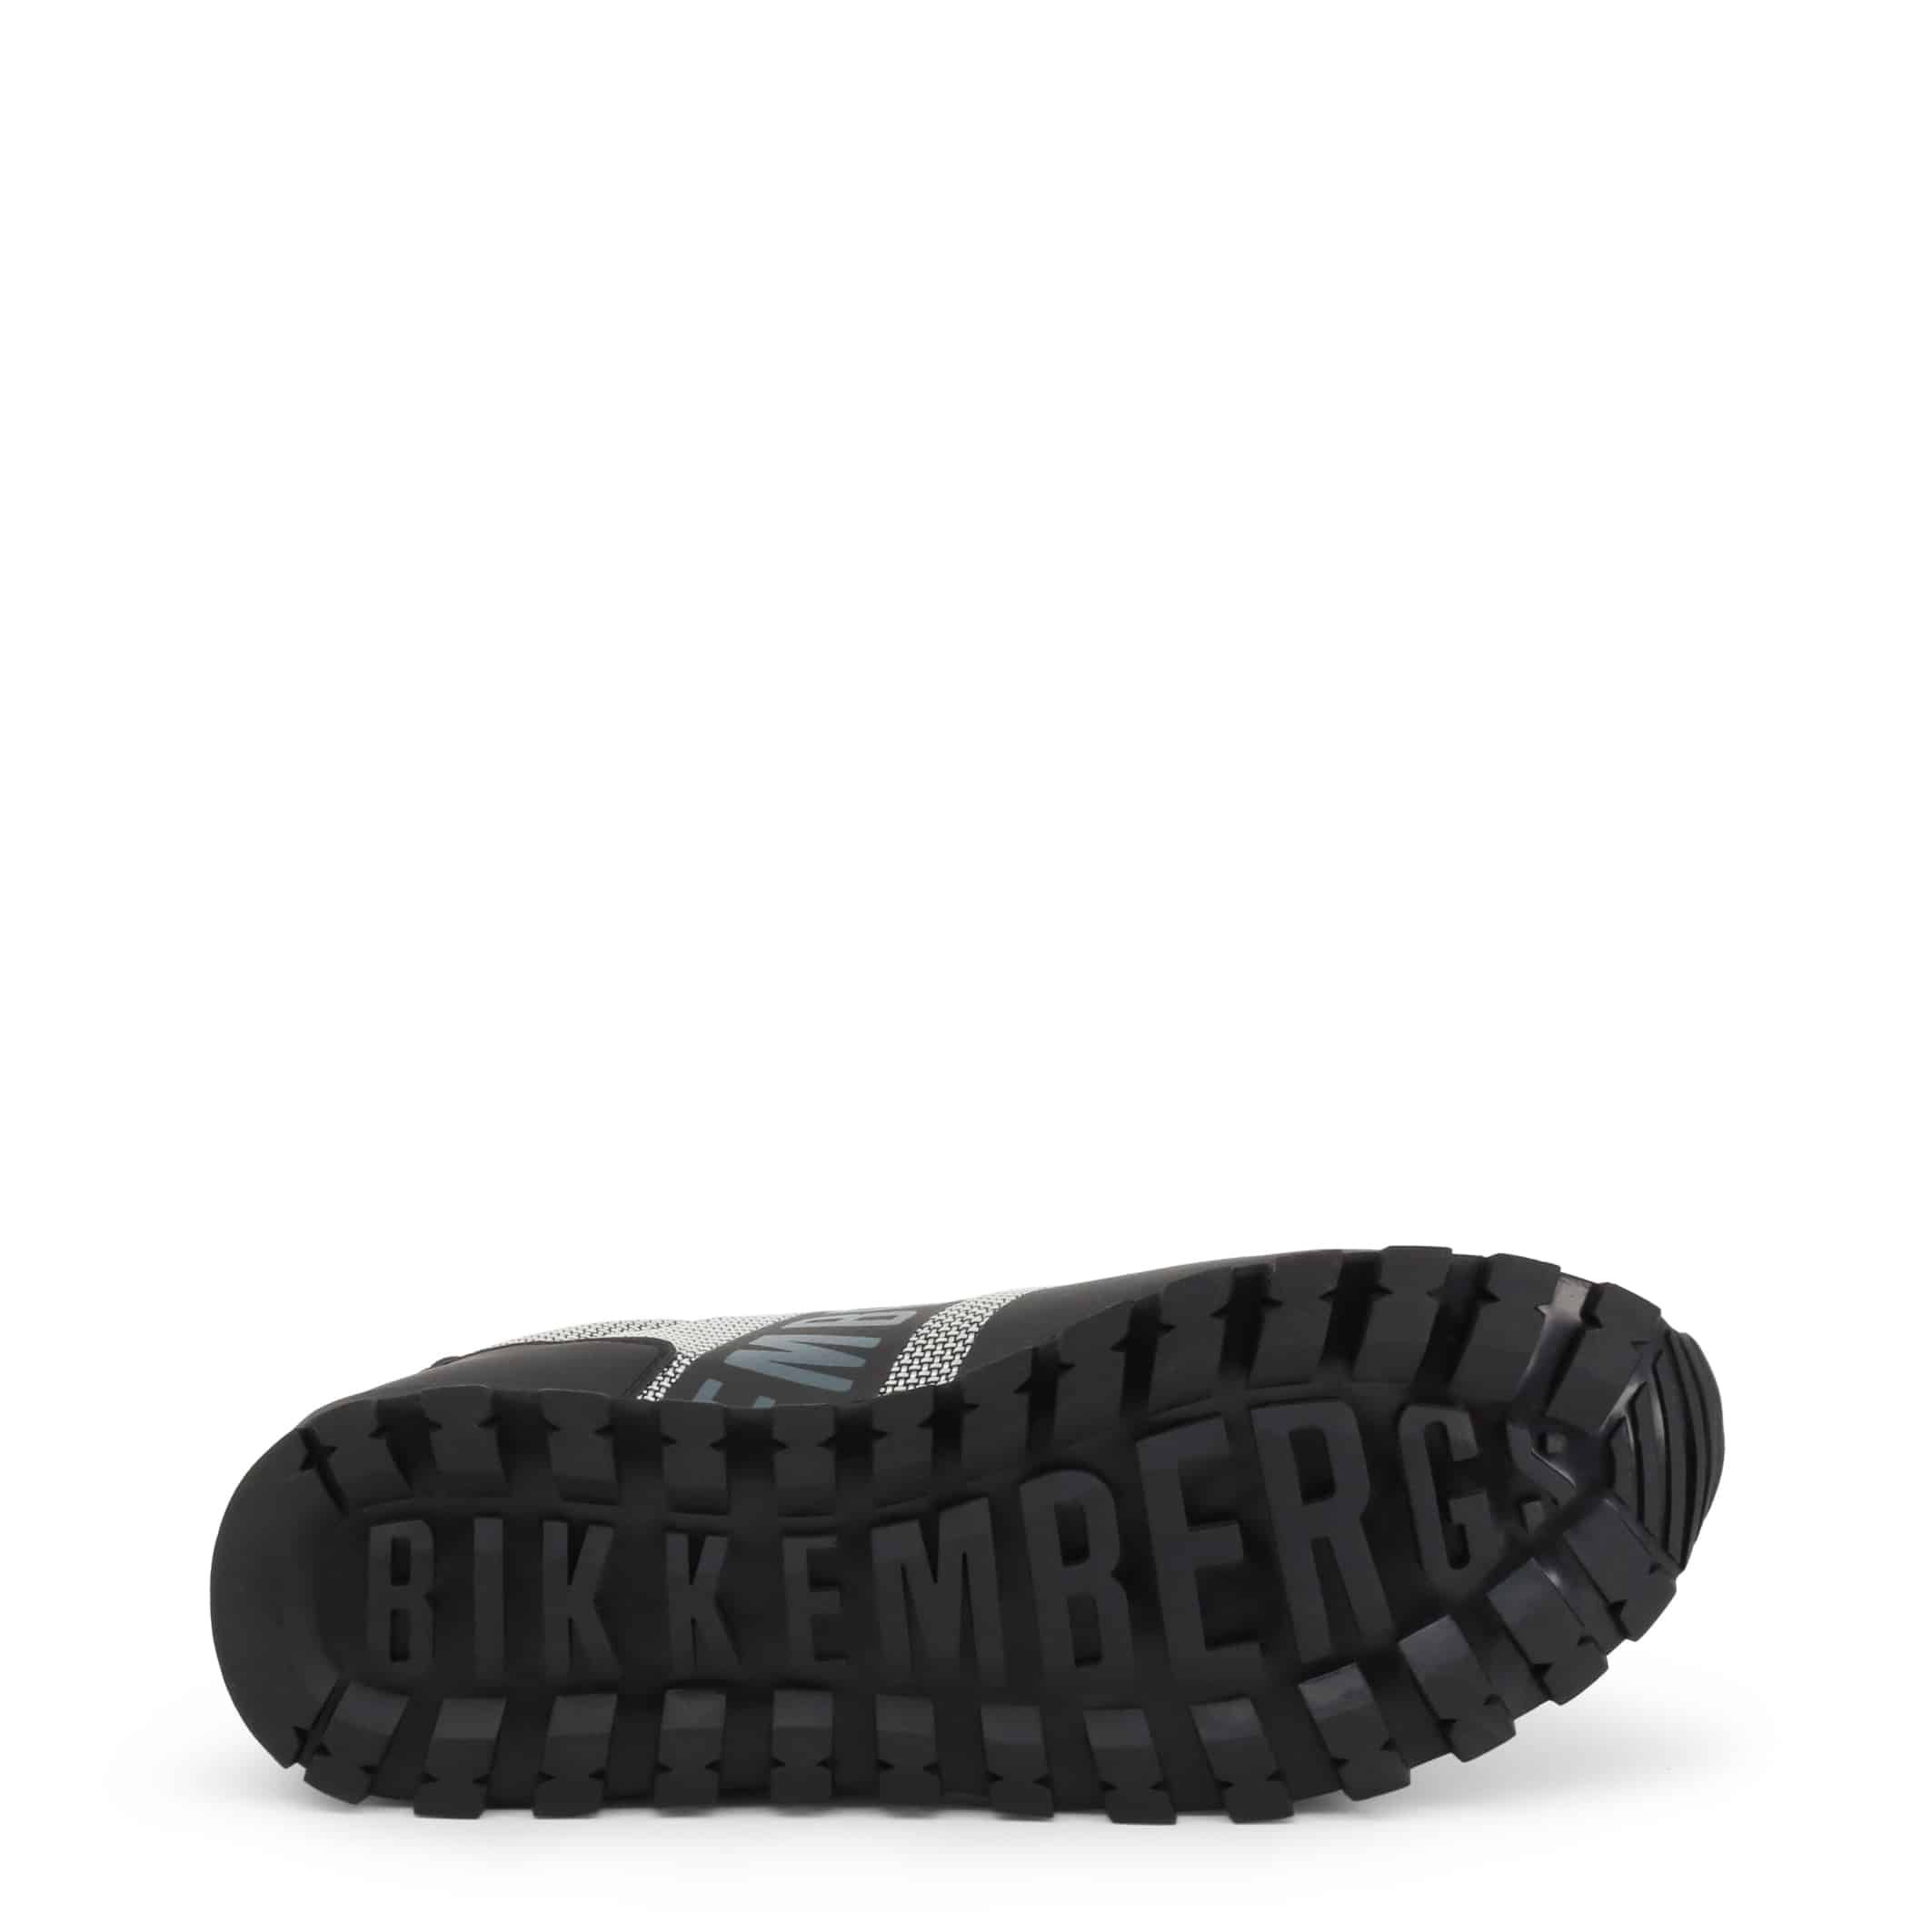 Sneakers Bikkembergs – FEND-ER_2217